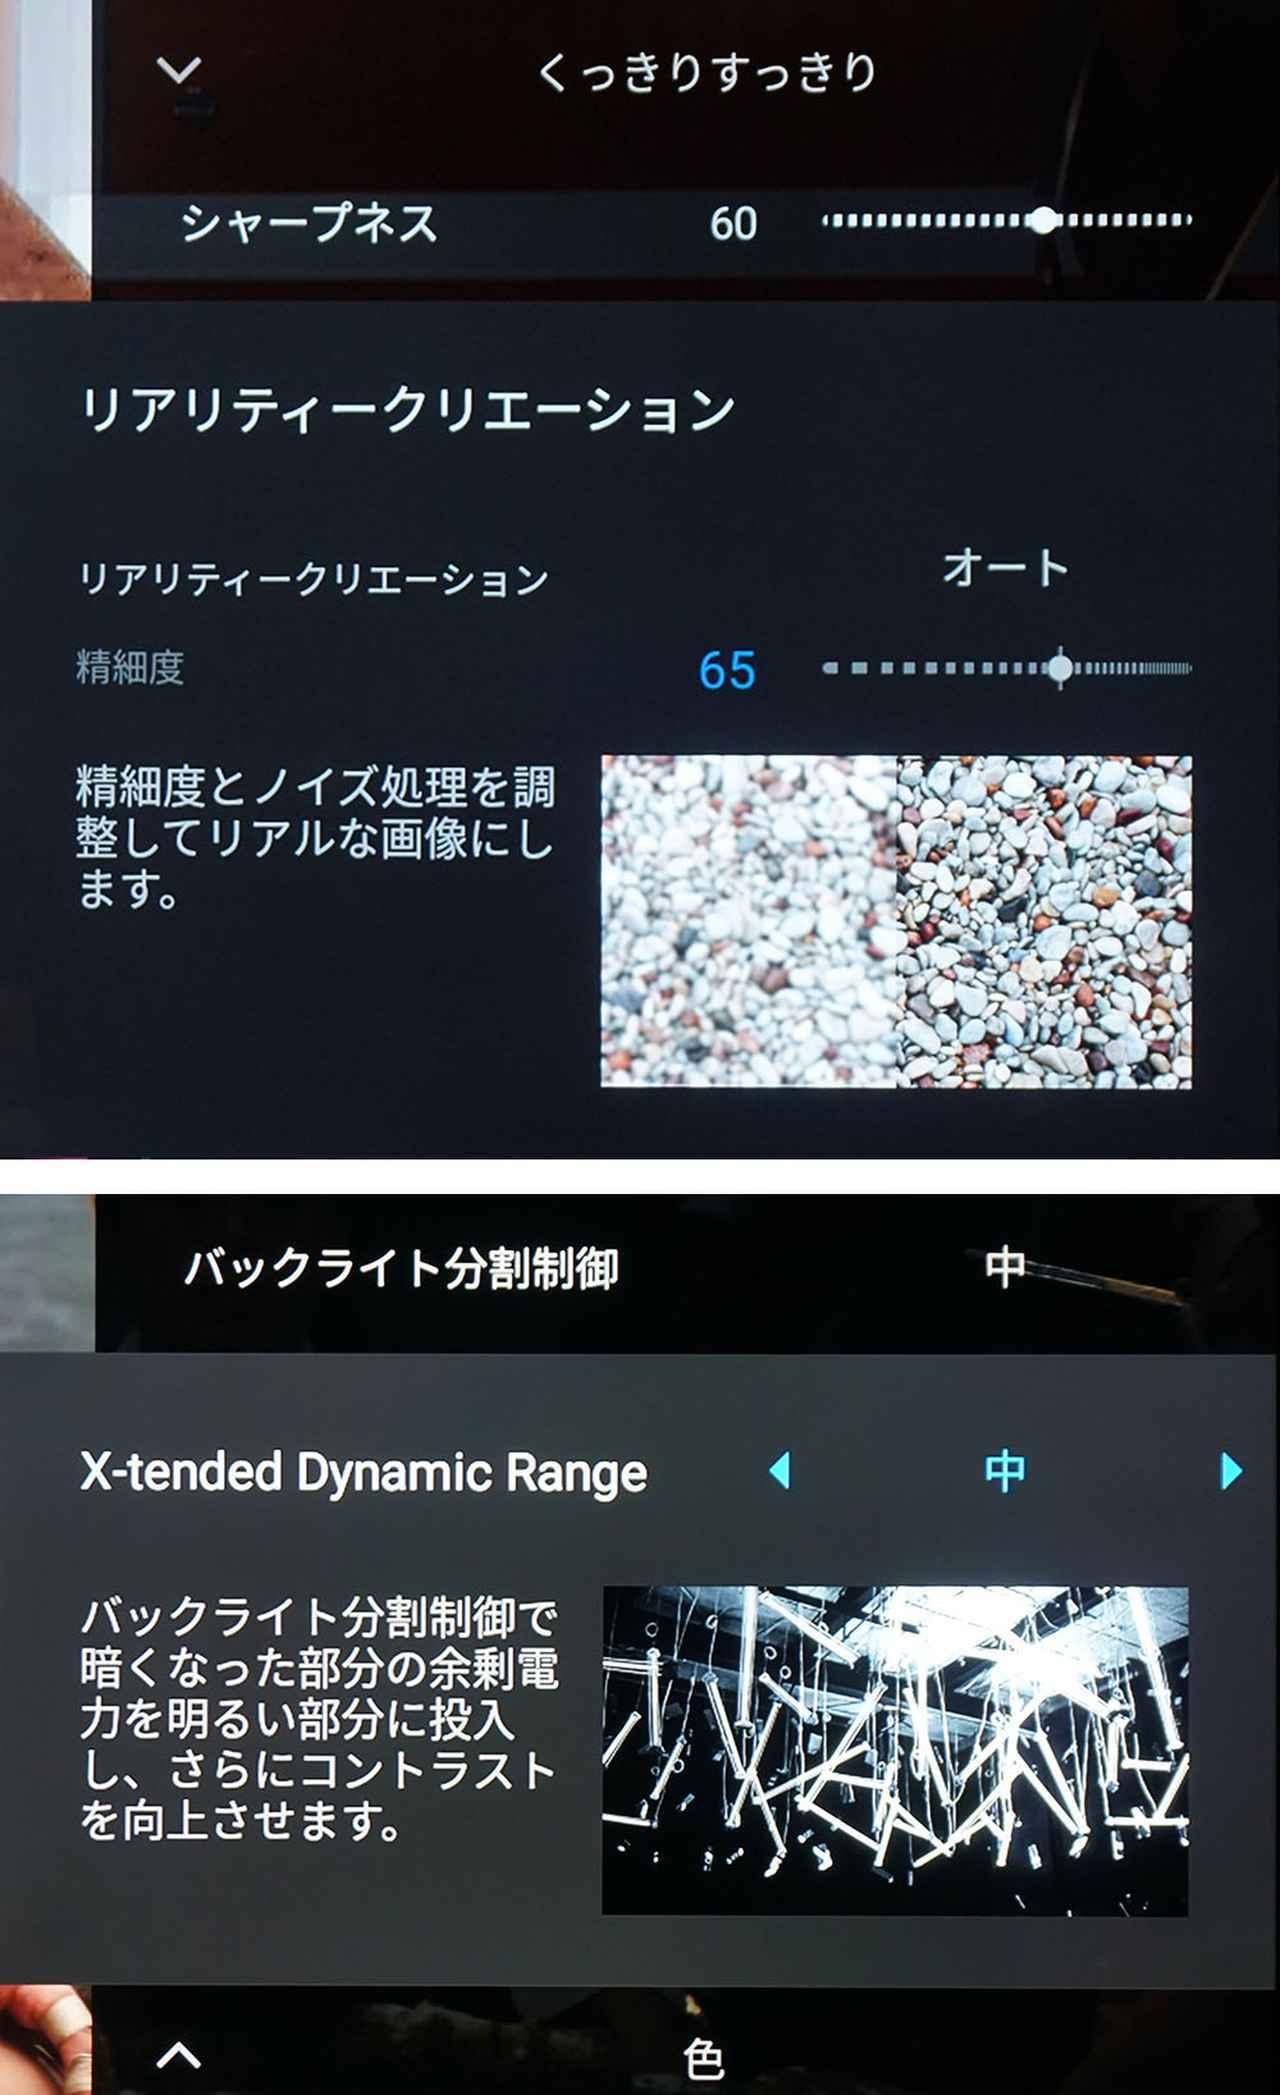 画像: Z9Hでは映像調整などのメニューにも変更が加えられ、該当の項目を調整すると映像がどのように変化するかを視覚的に解説するウィンドウが追加されている。 左上は超解像処理の「リアリティークリエーション」の効果で、下は「X-tended Dynamic Range」のもの。8KのHLG番組でピークがきついと感じるような場合には、「X-tended Dynamic Range」の効果を弱めてみるのもいいだろう